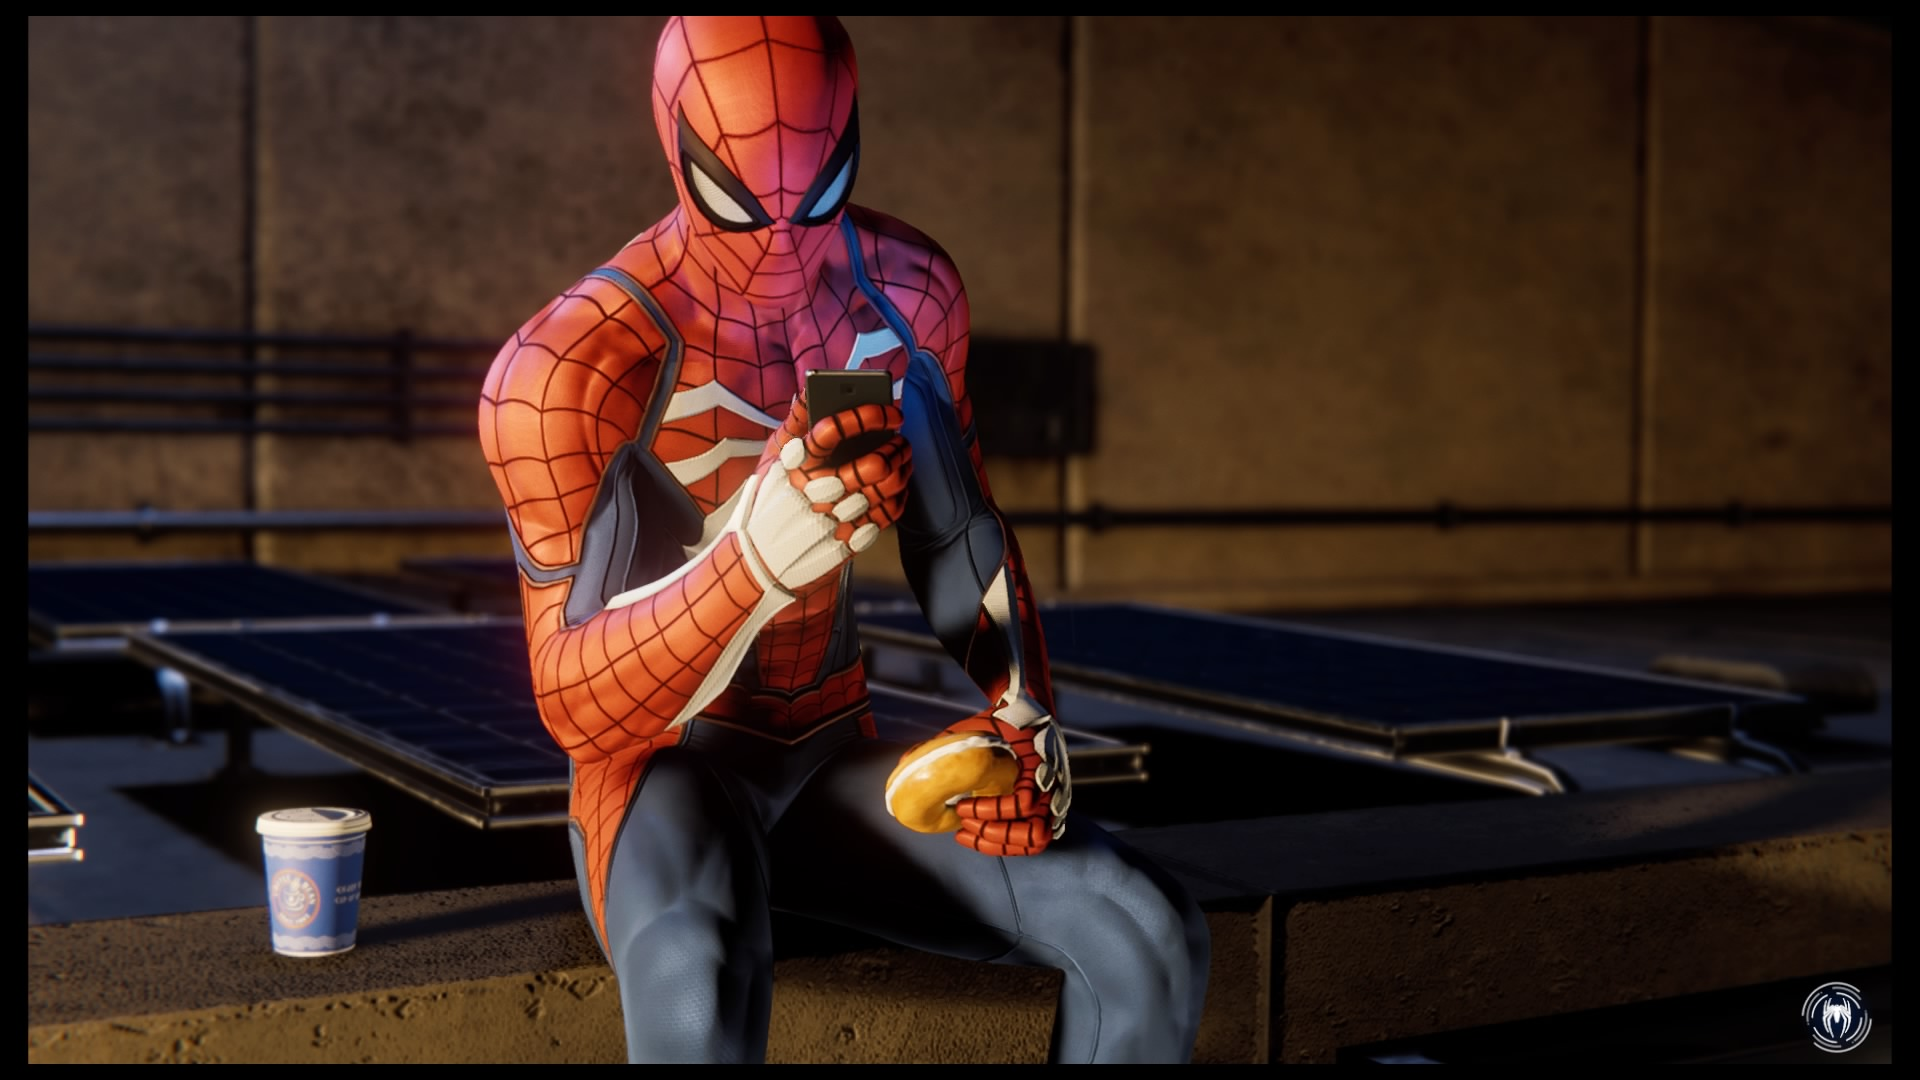 Spider-Man PS4 walk-through